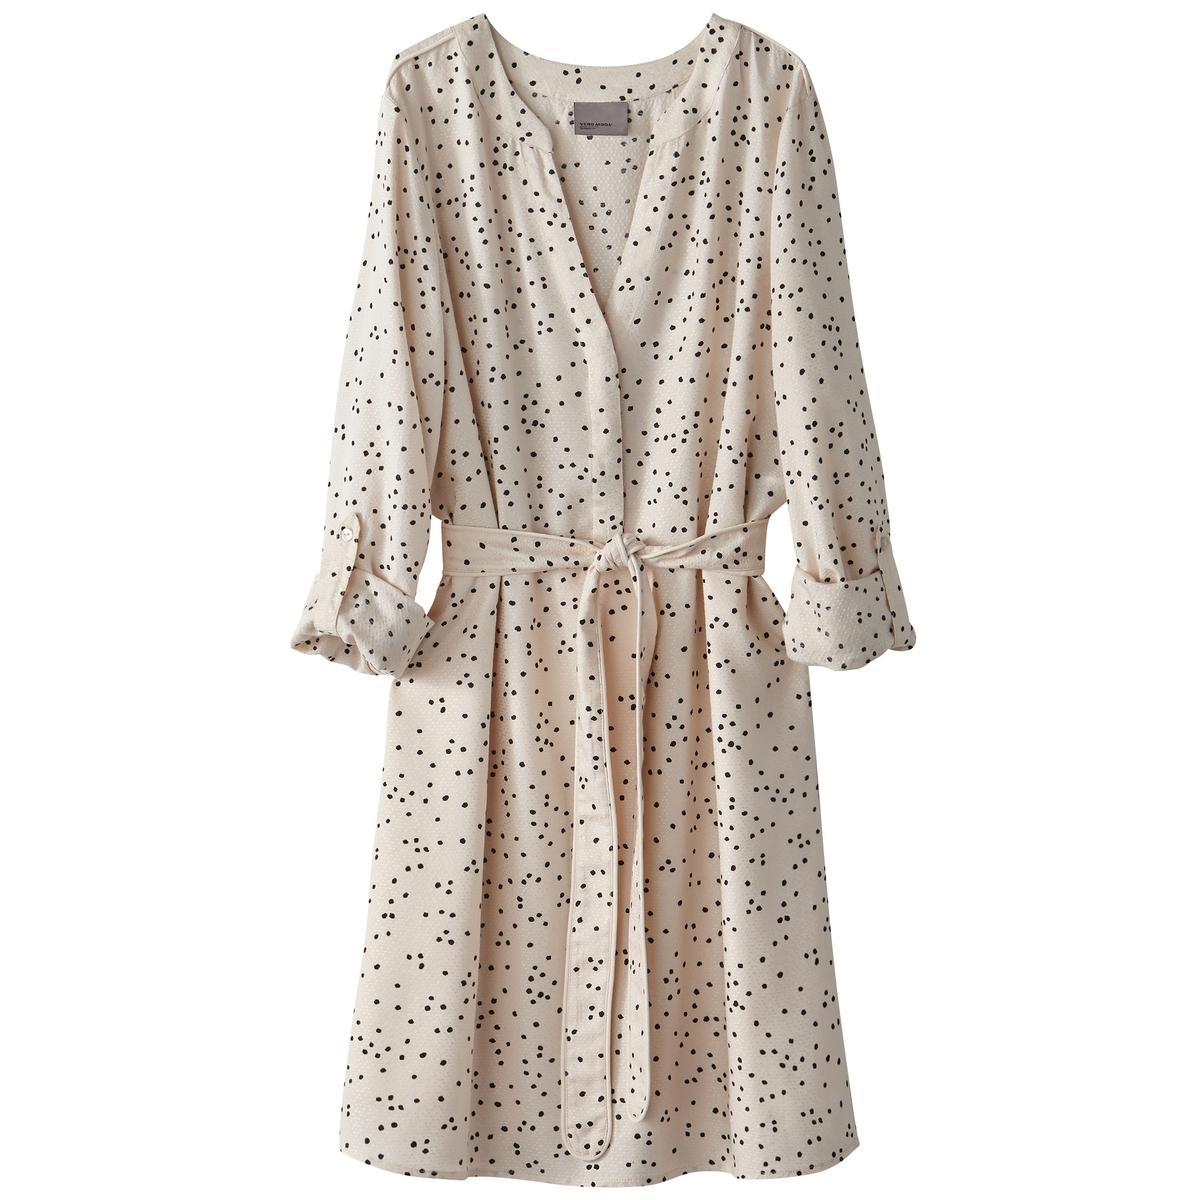 Платье с длинными рукавами, длина до колен, в горошекМатериал : 100% вискоза  Длина рукава : длинные рукава  Форма воротника : V-образный вырез Покрой платья : с запахом Рисунок : в горошек    Длина платья : до колен<br><br>Цвет: в горошек,темно-синий в розовую полоску<br>Размер: XL